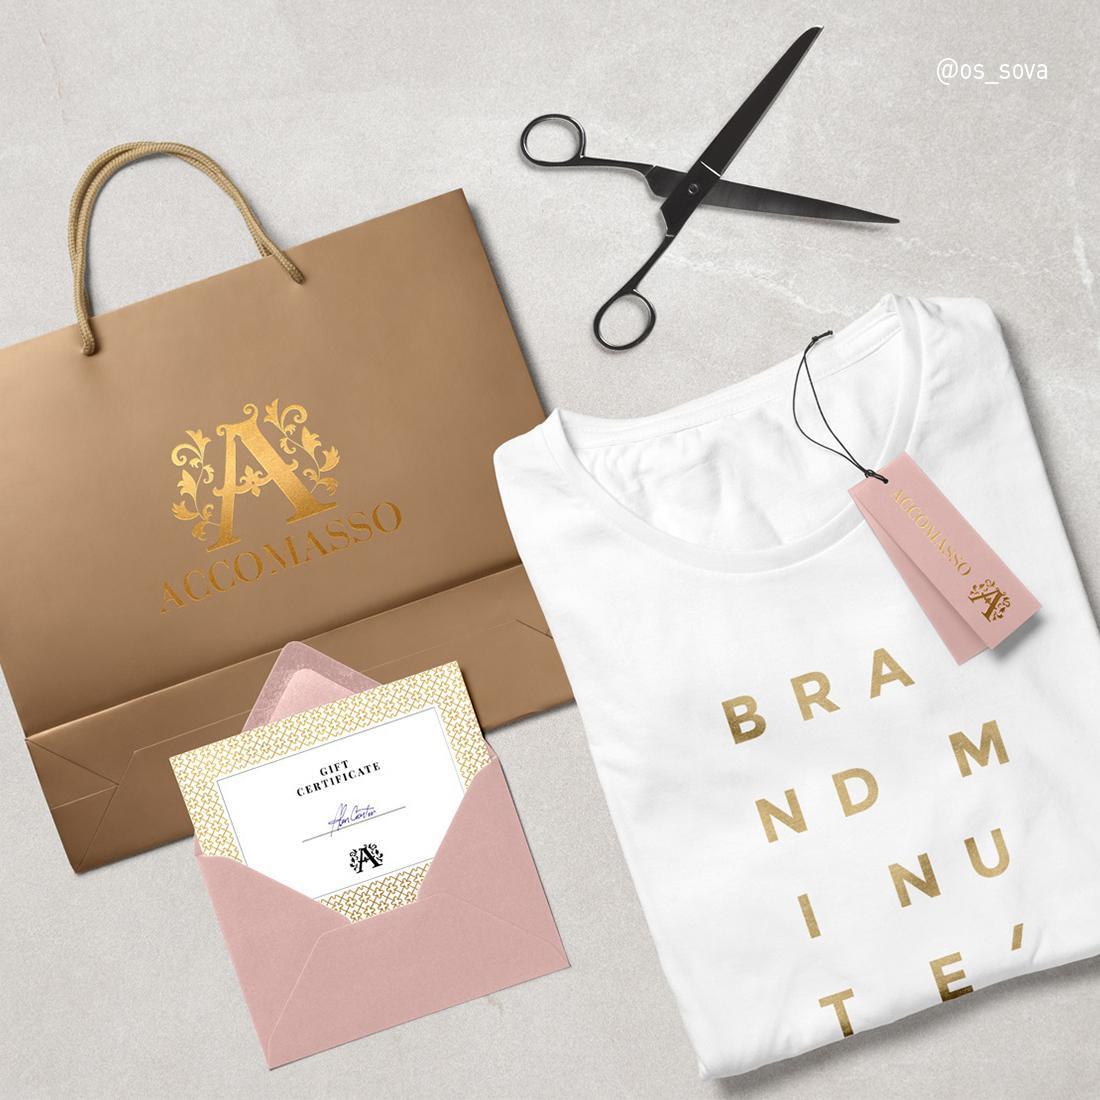 упаковка бренда, профессиональные советы